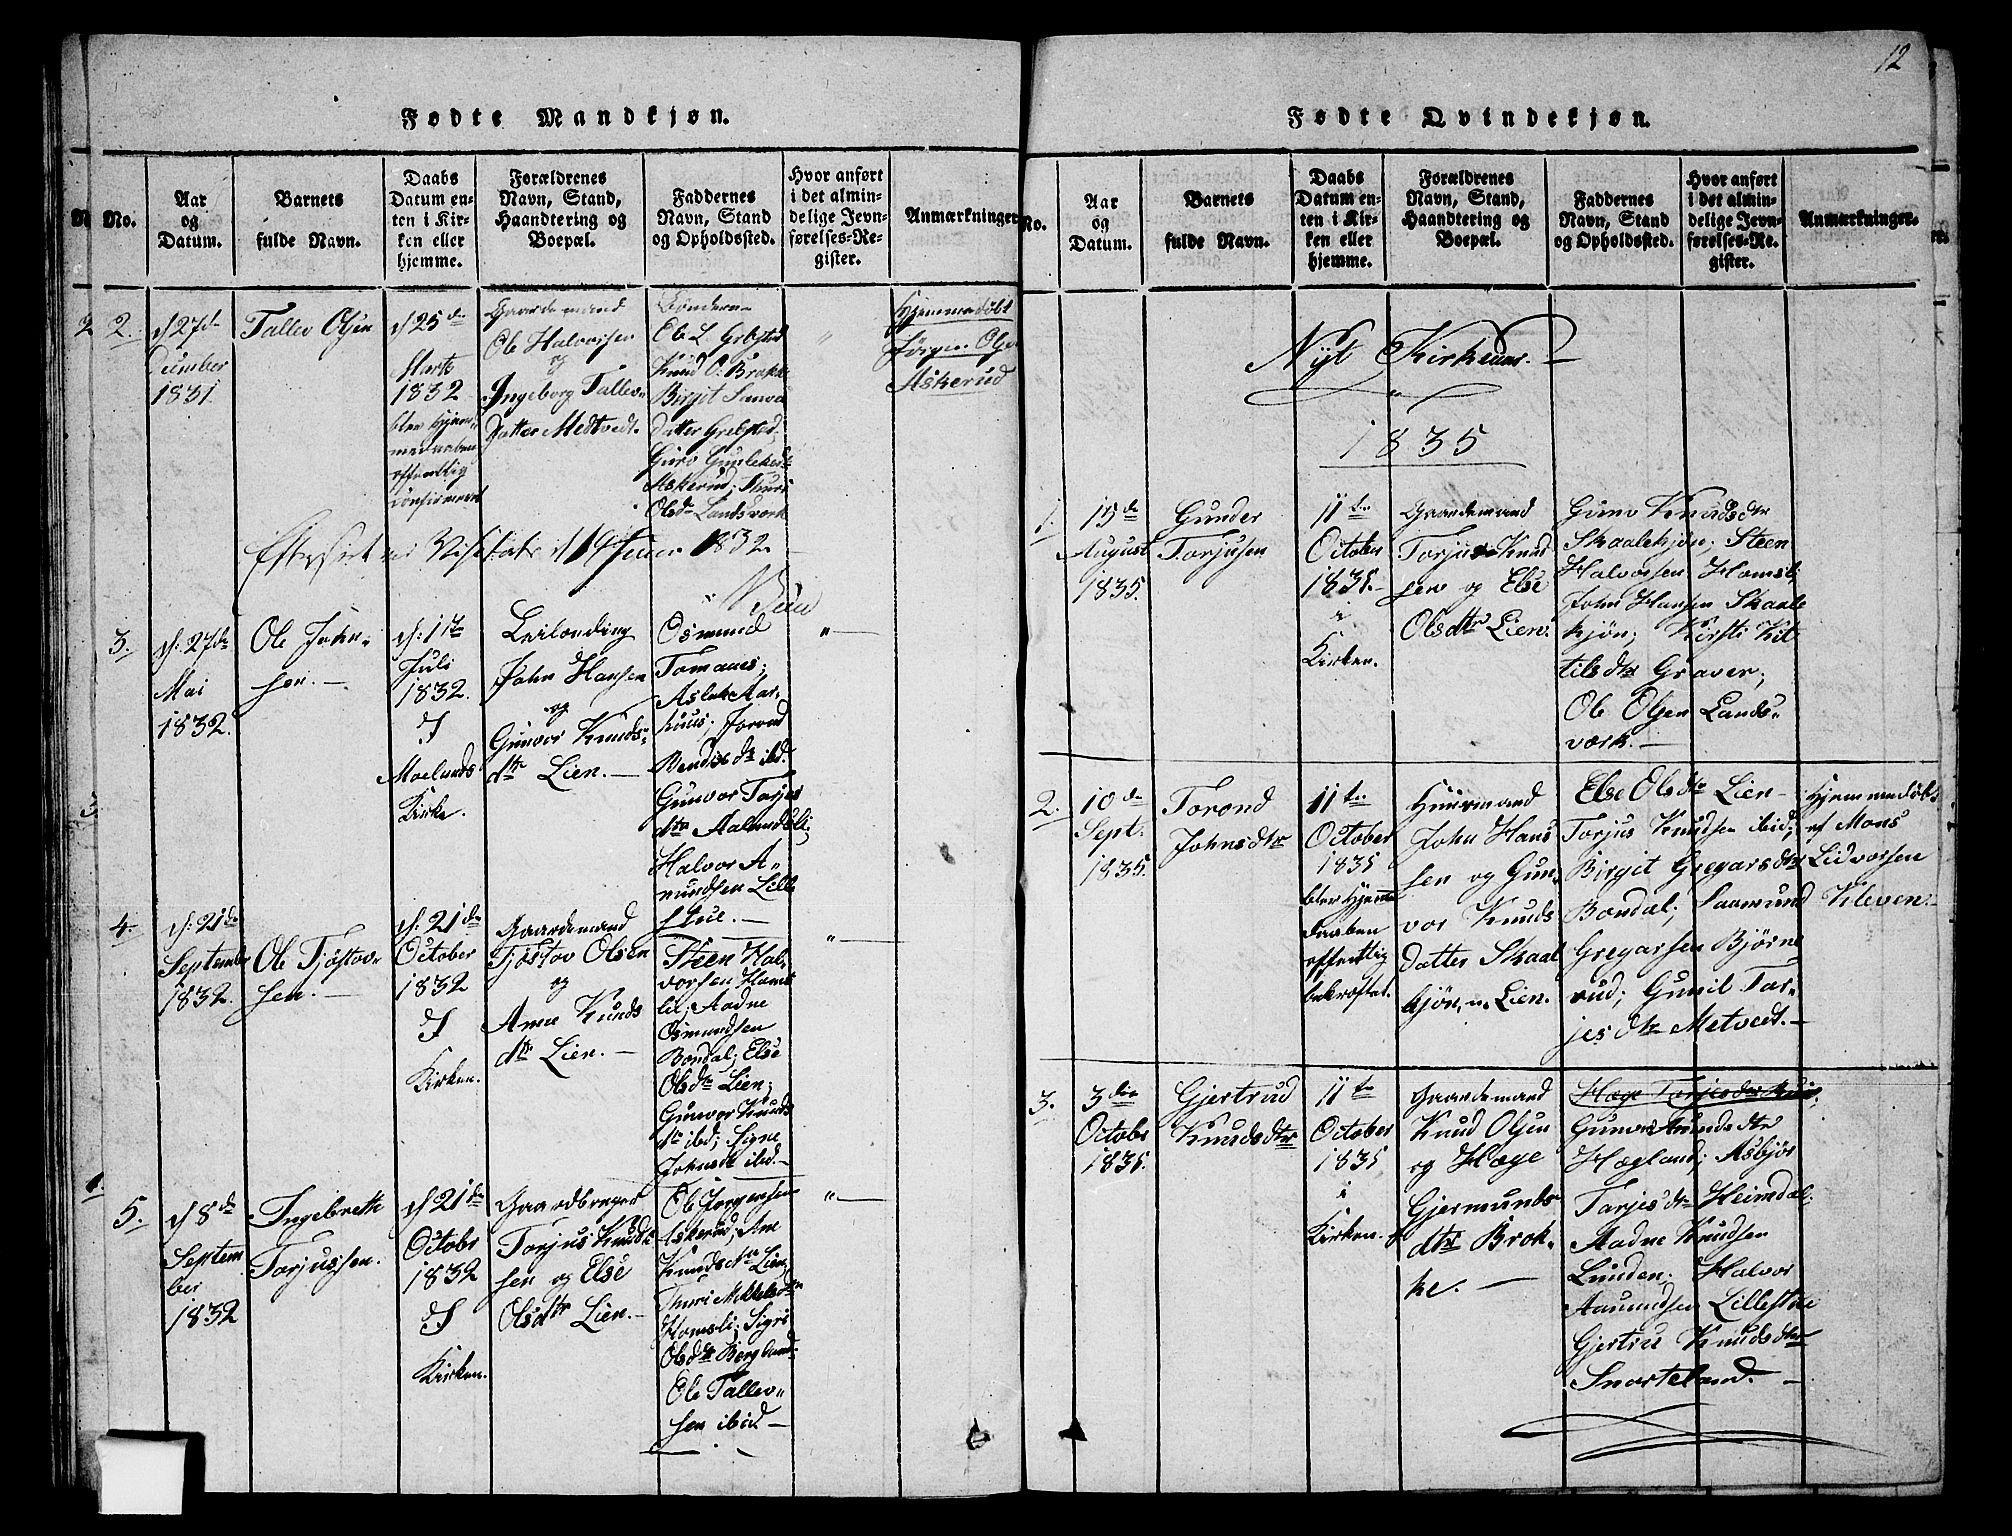 SAKO, Fyresdal kirkebøker, G/Ga/L0002: Klokkerbok nr. I 2, 1815-1857, s. 12